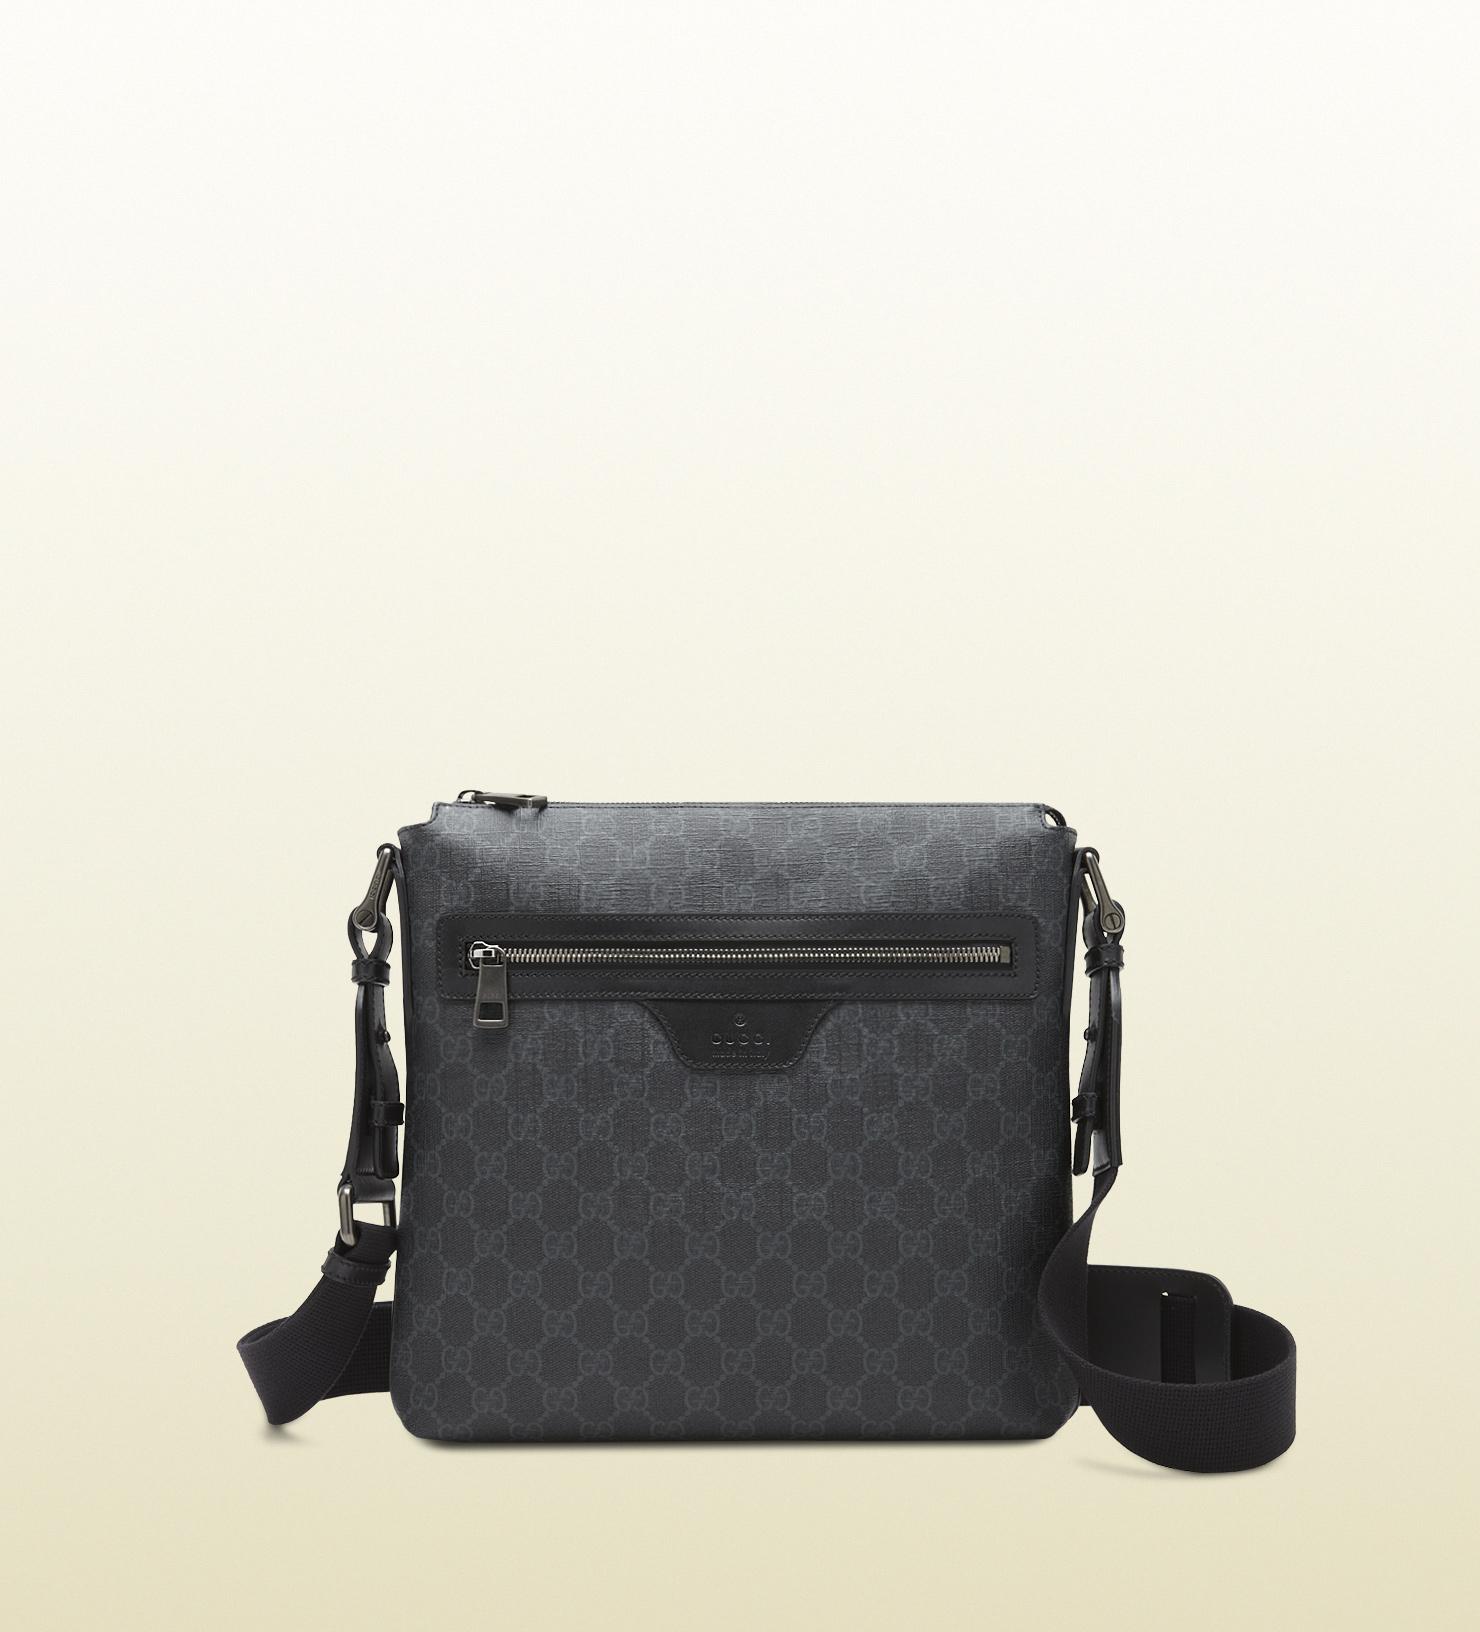 lyst gucci gg supreme canvas messenger bag in black for men